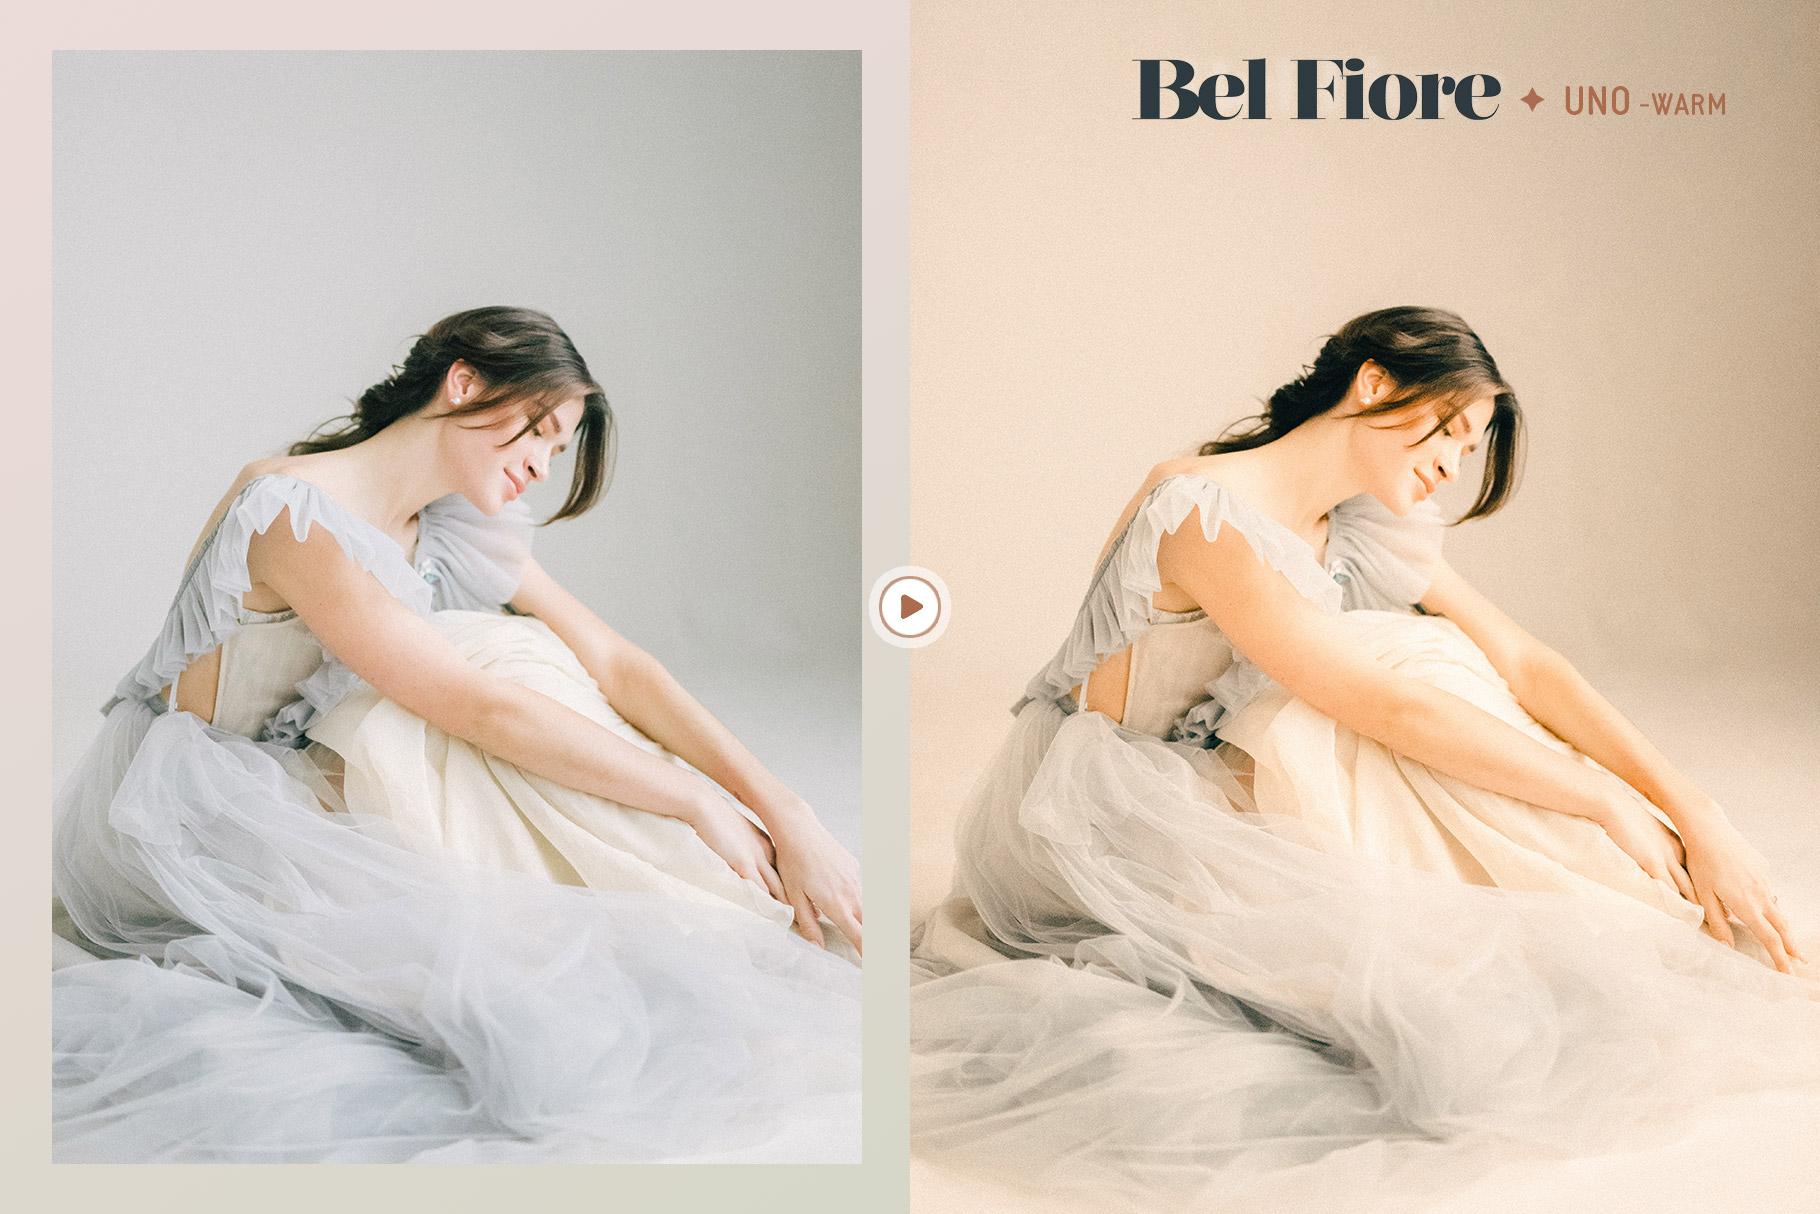 belfiore_preview_01_warm